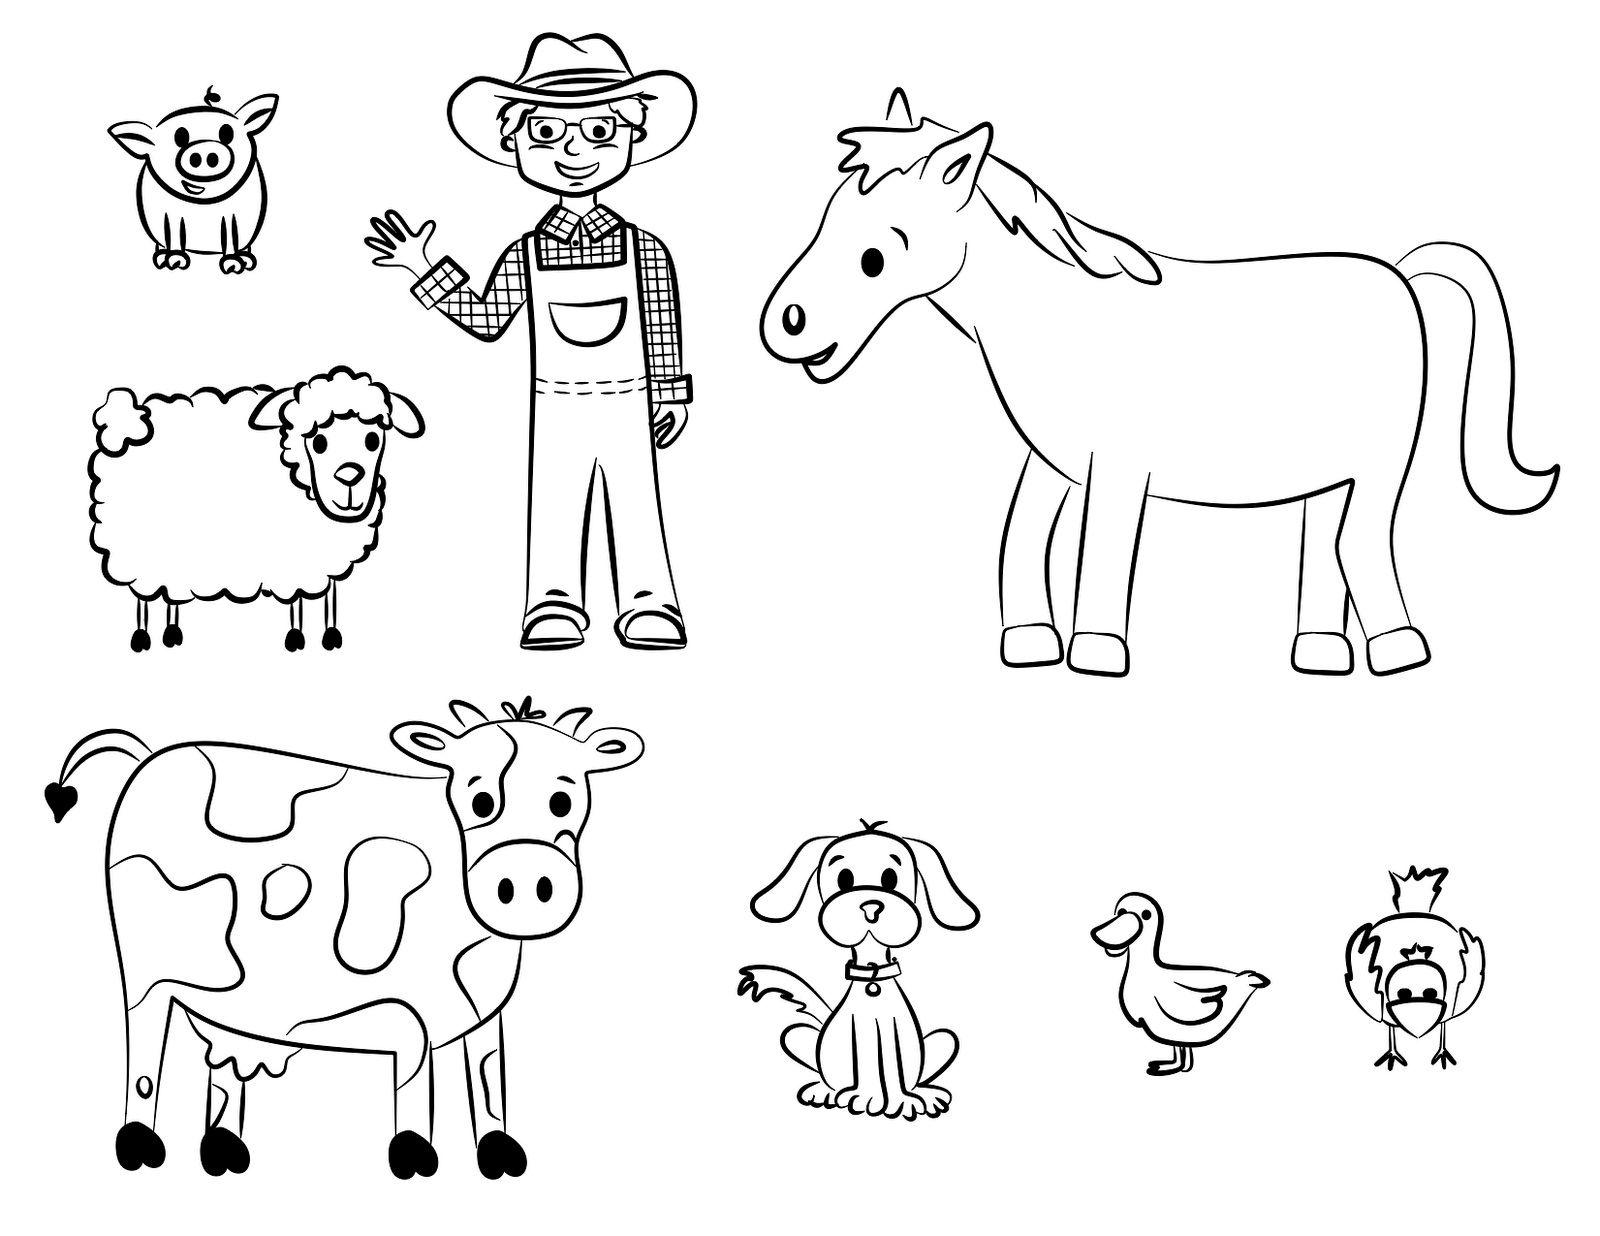 Fresco Dibujos Para Colorear De Animales Del Zoologico | Colore Ar ...